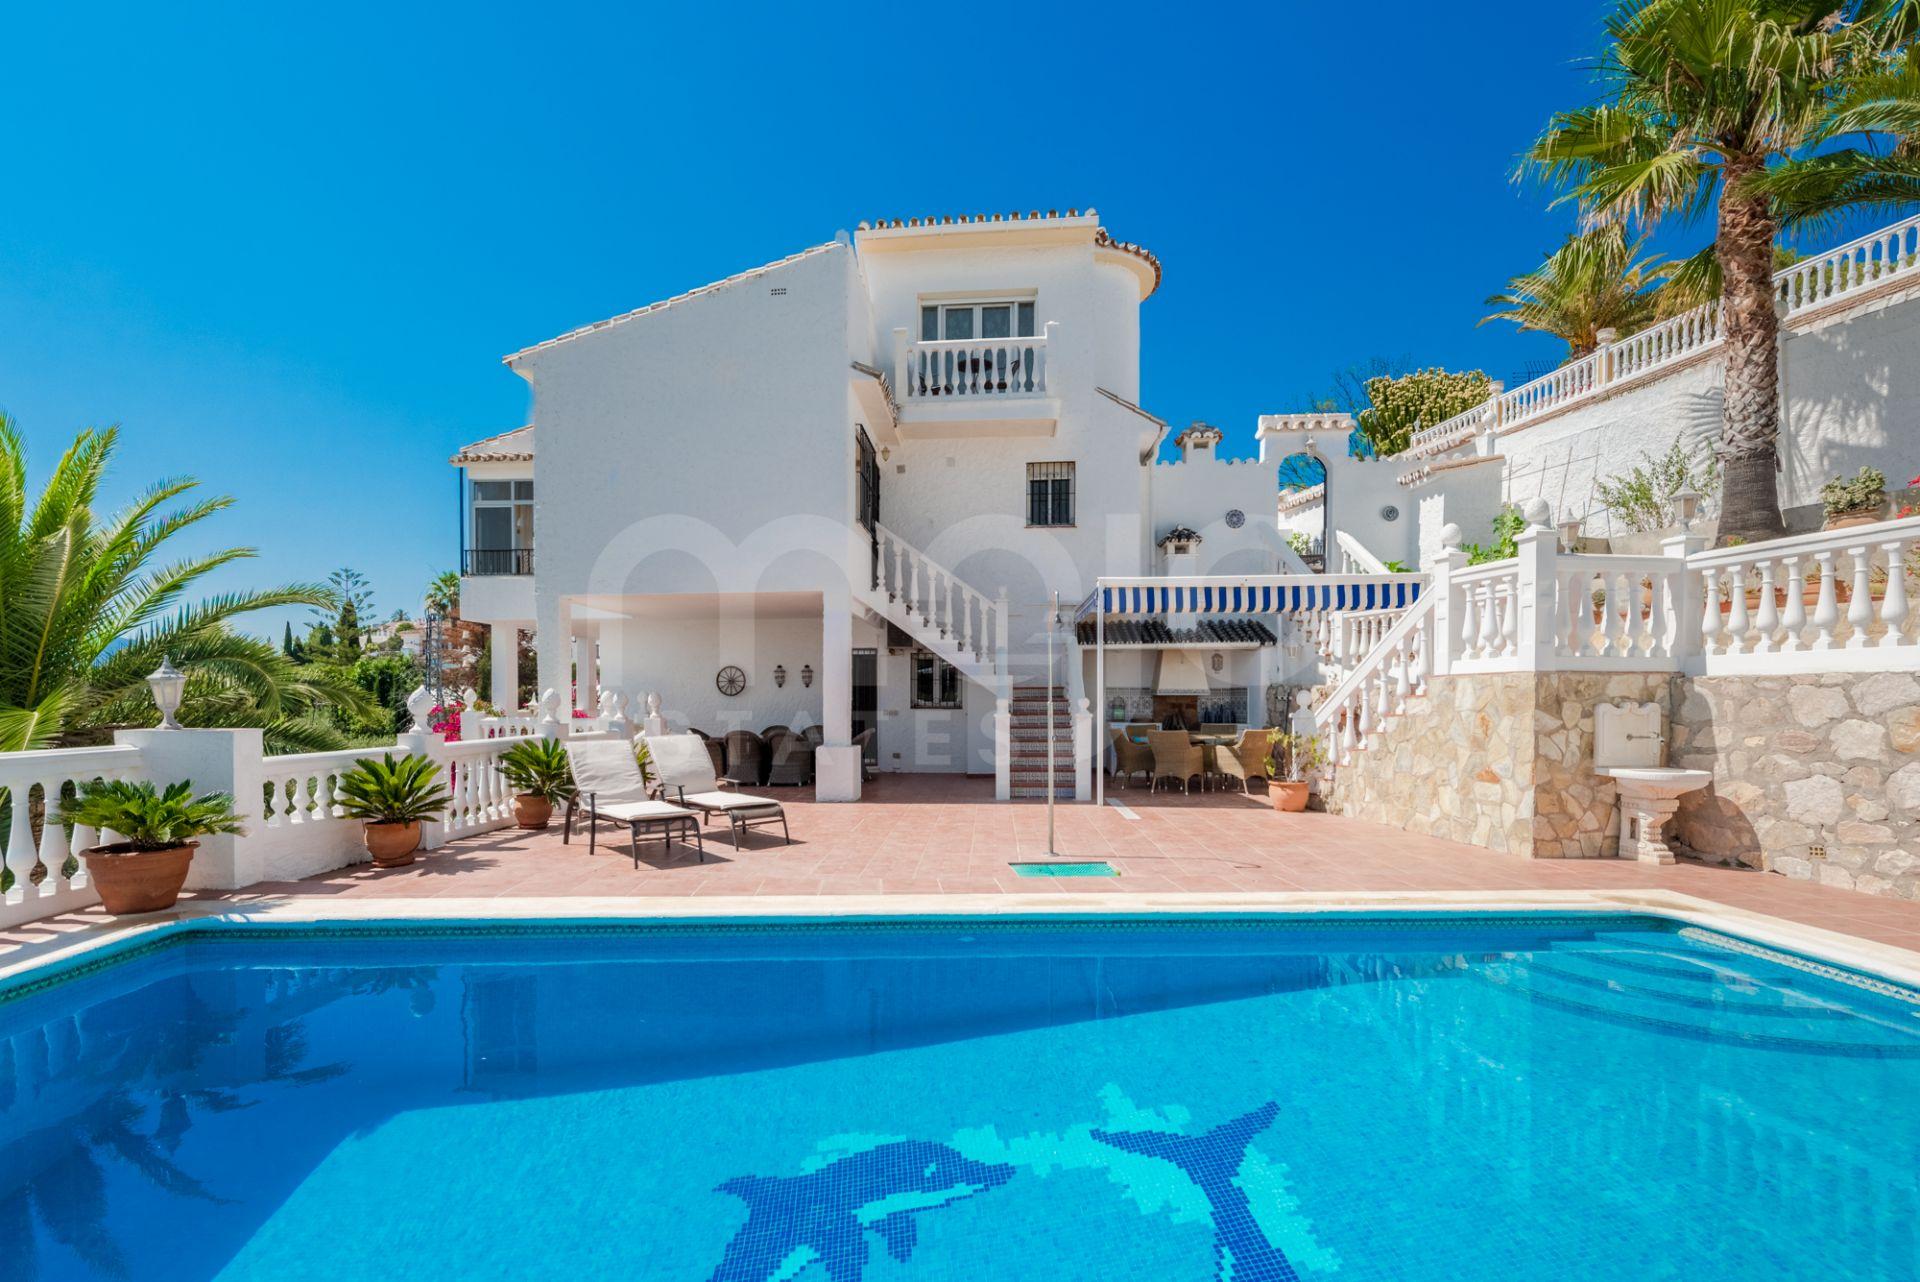 Preciosa villa independiente con fabulosas vistas panorámicas ubicada en Sierrezuela, Mijas Costa!